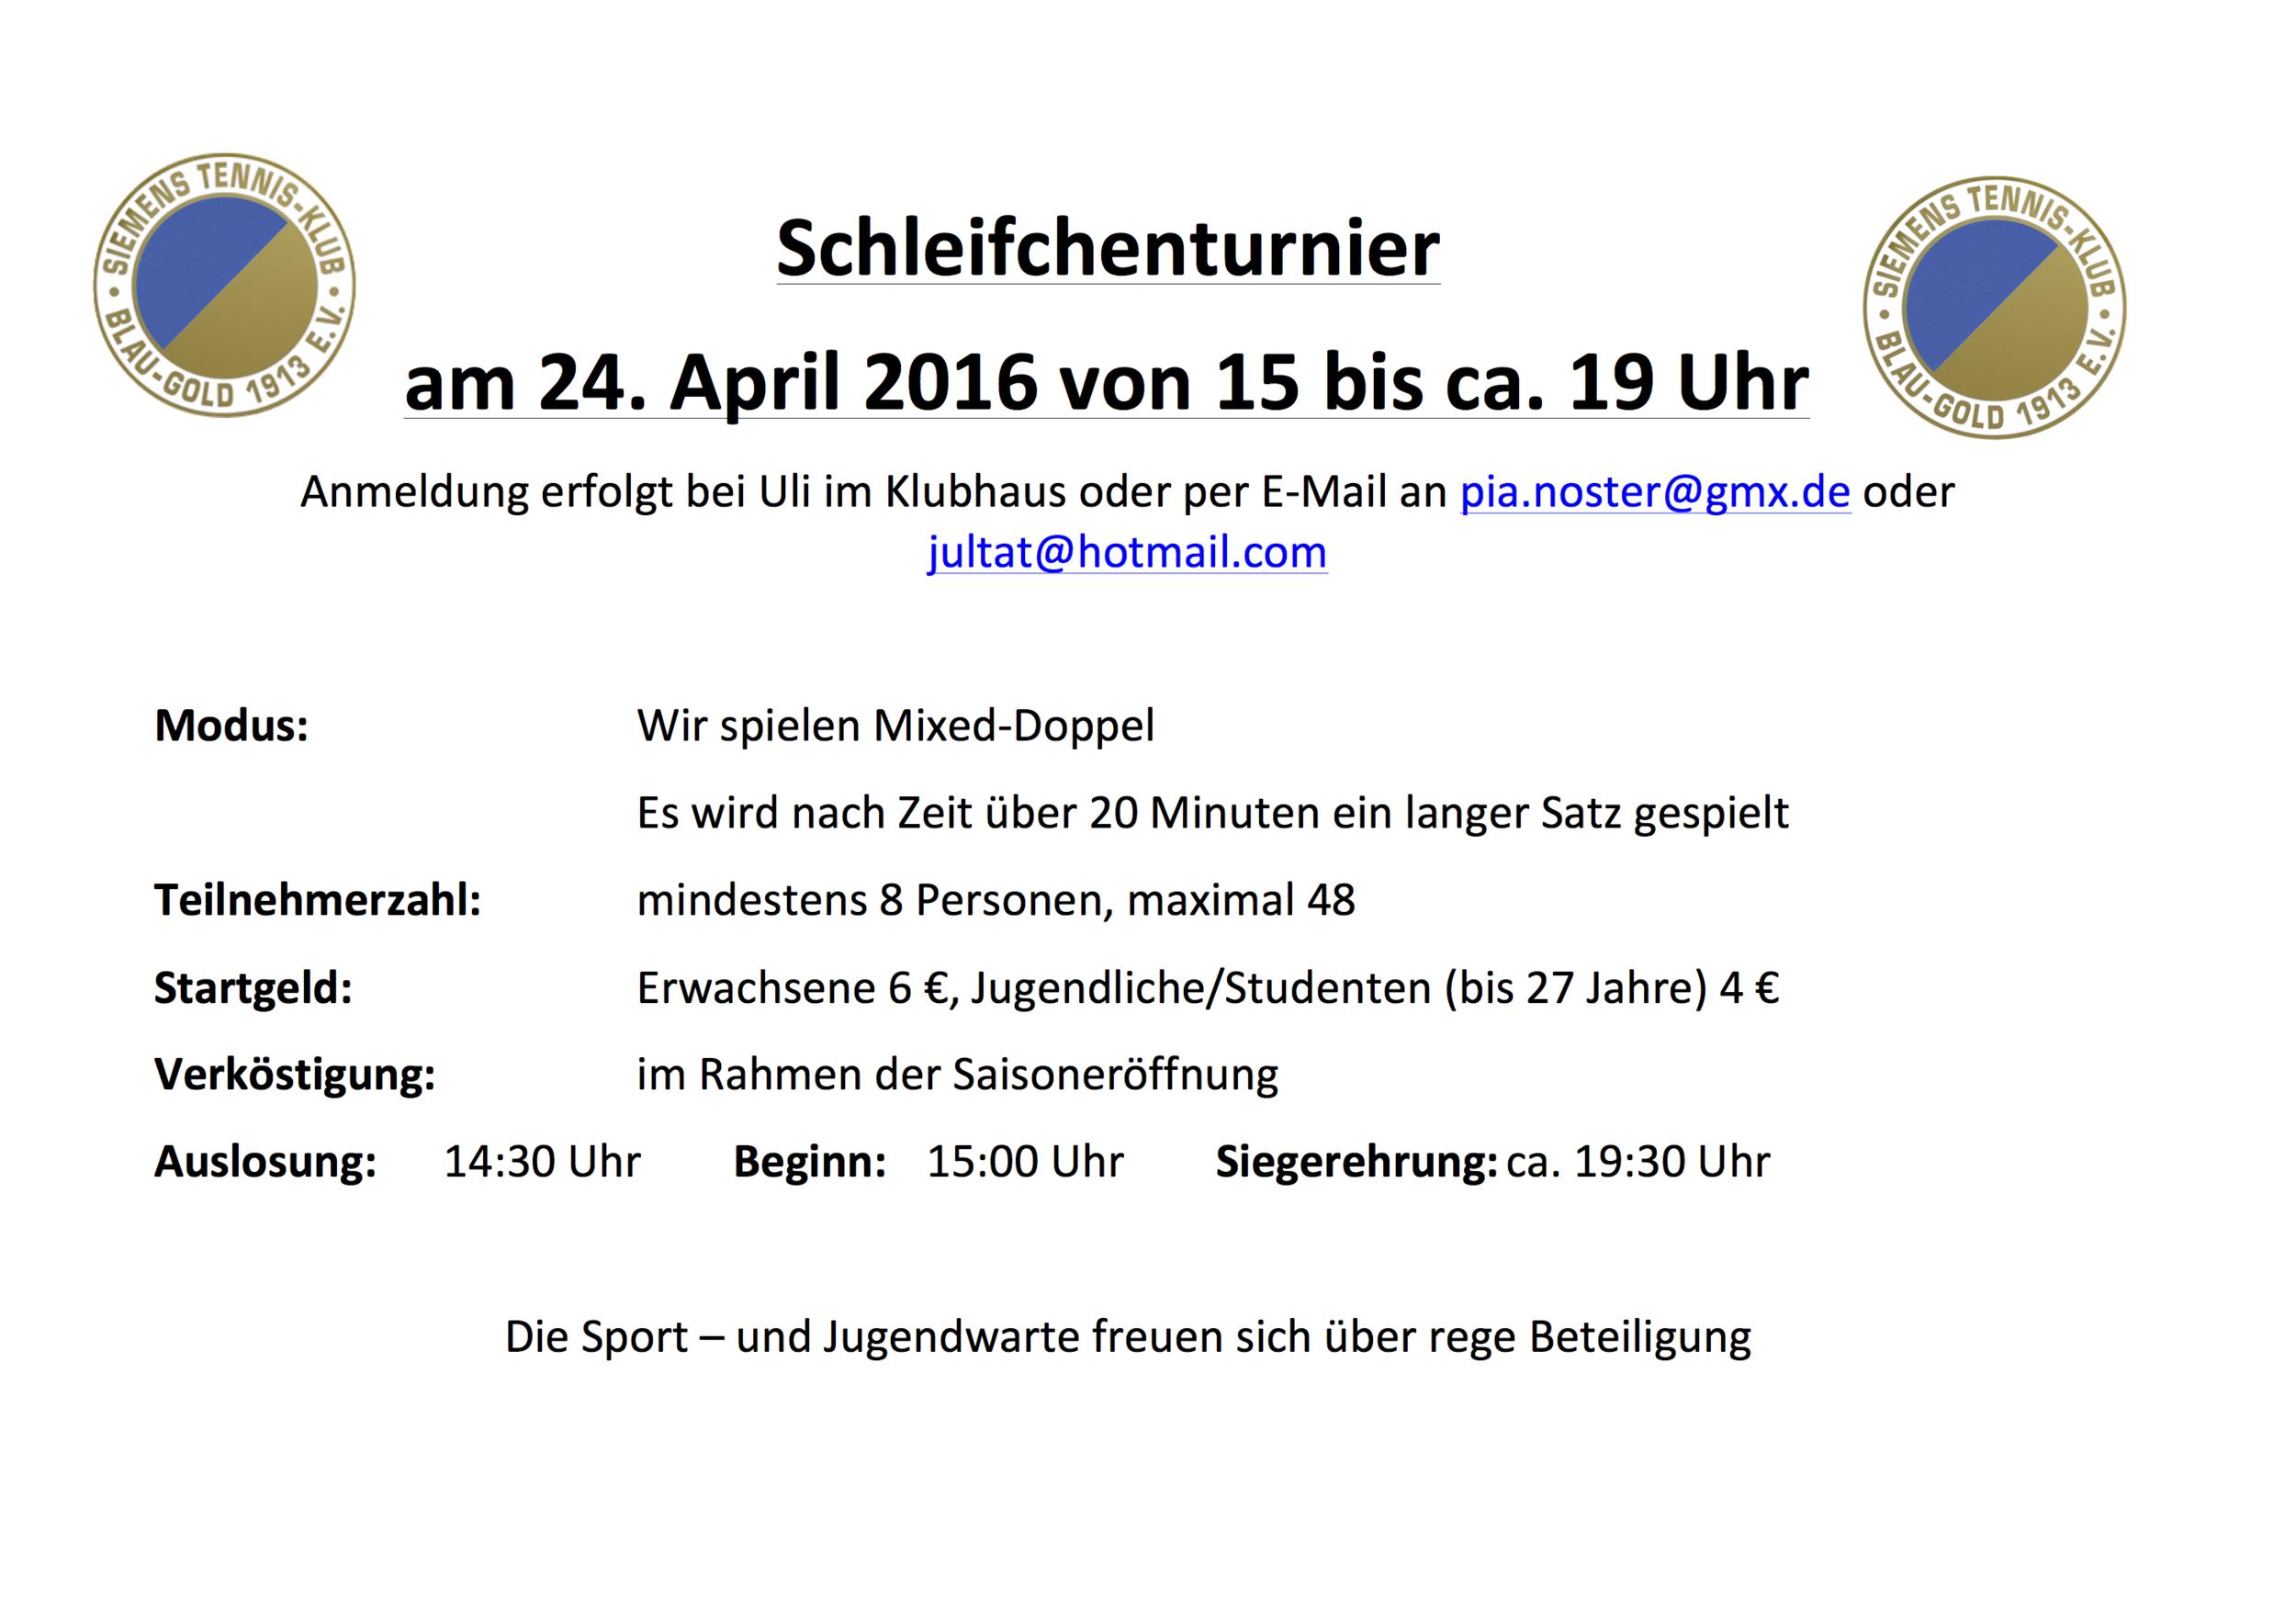 Schleichenturnier zur Saisoneröffnung 24.04.2016